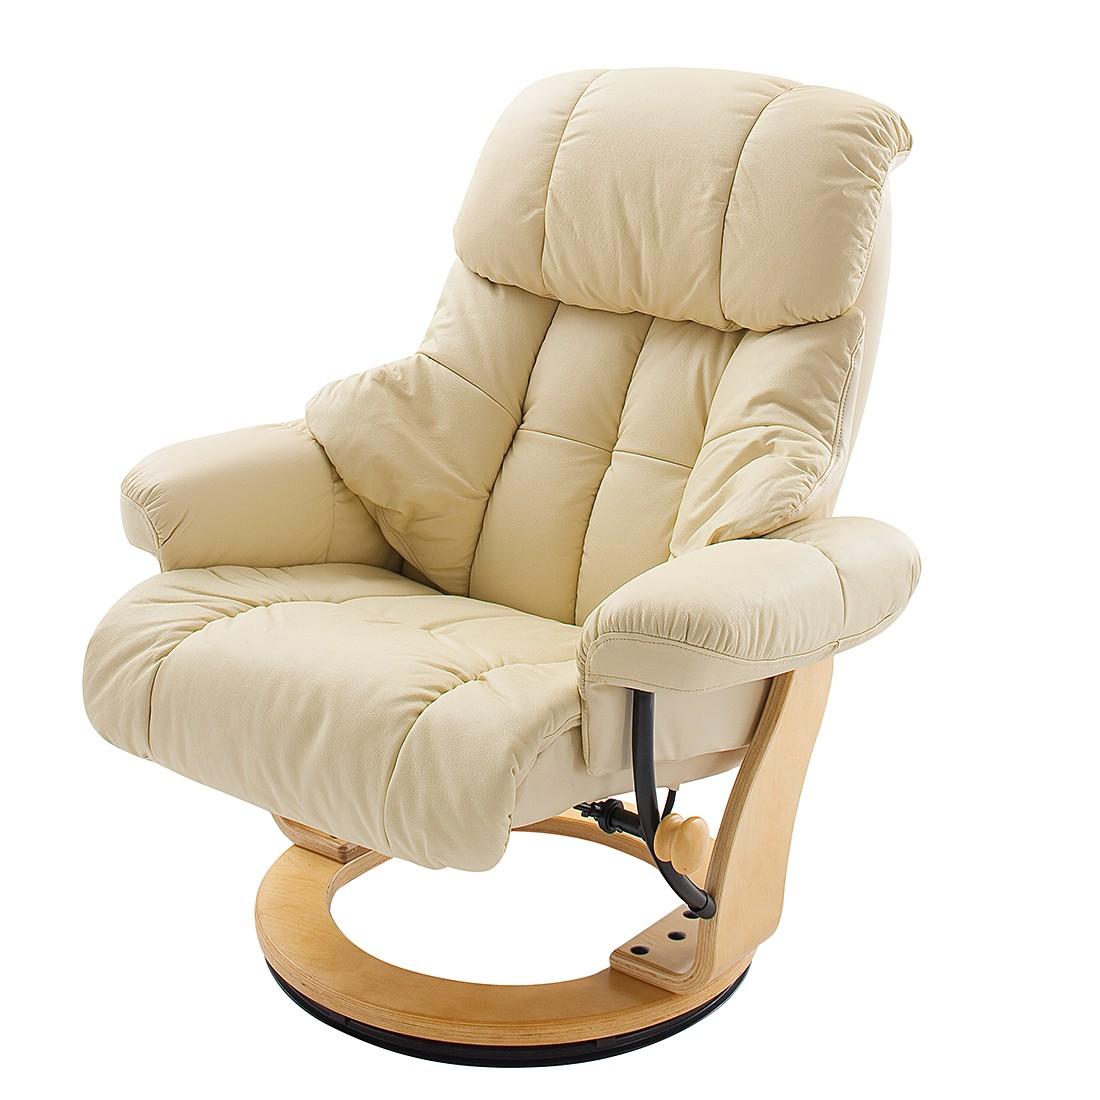 Comment nettoyer un fauteuil en cuir beige paca locations de vacances - Nettoyer fauteuil cuir ...